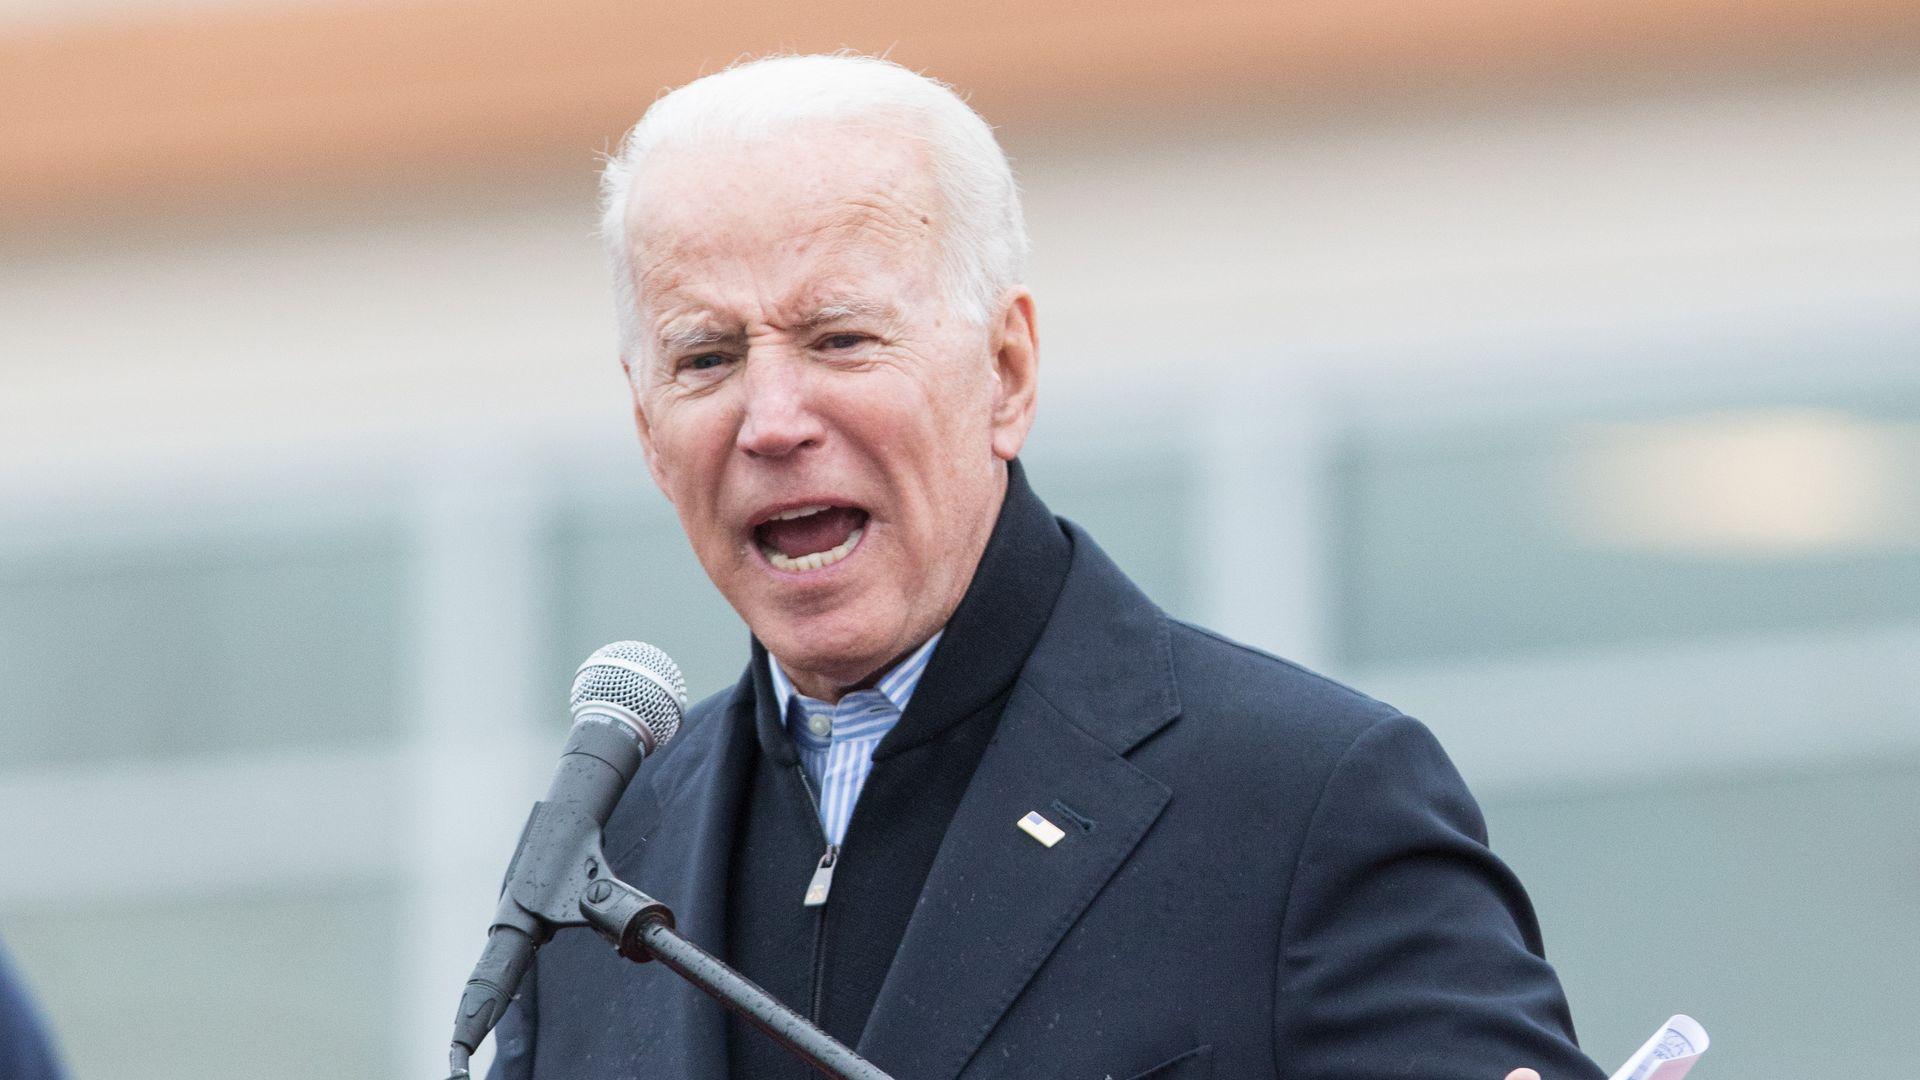 """Biden accuser calls his hugging jokes """"incredibly disrespectful"""""""